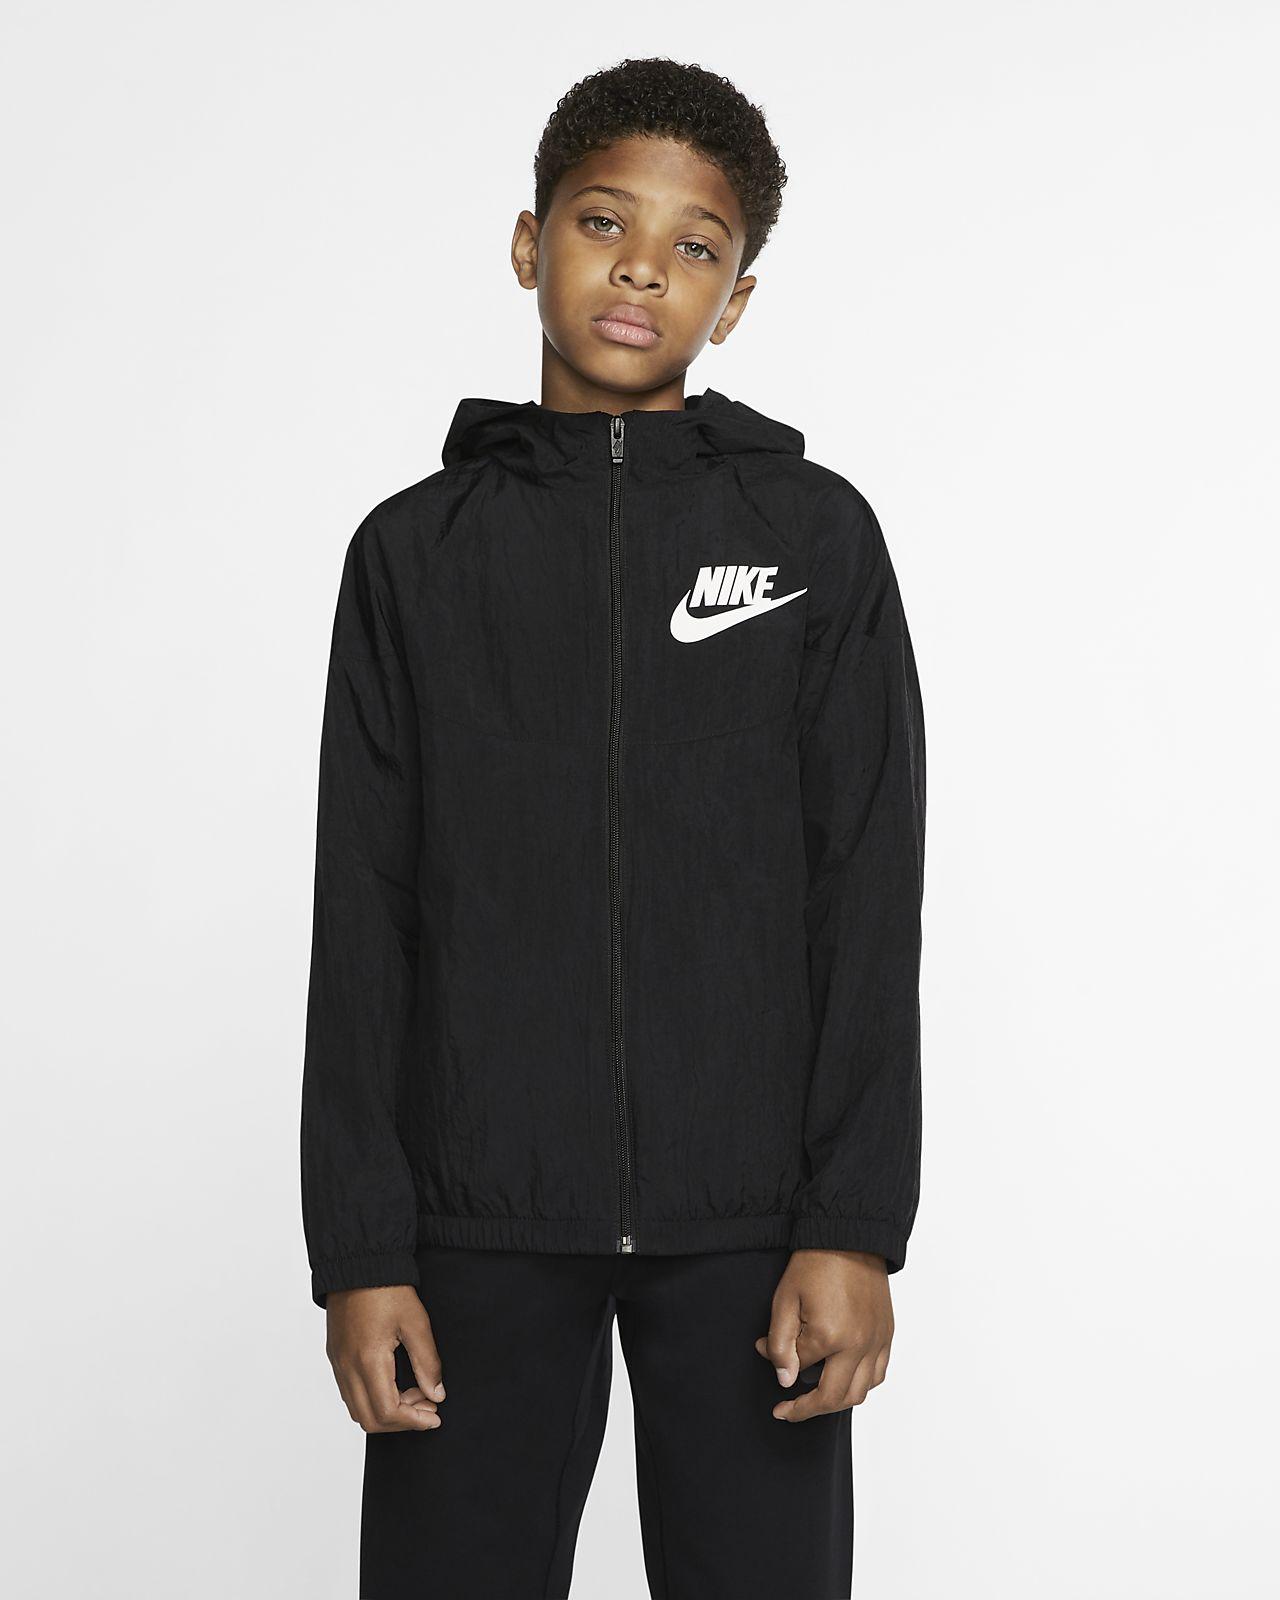 Nike Sportswear De Woven Chaqueta Niño Tejido NnwZ8kOP0X